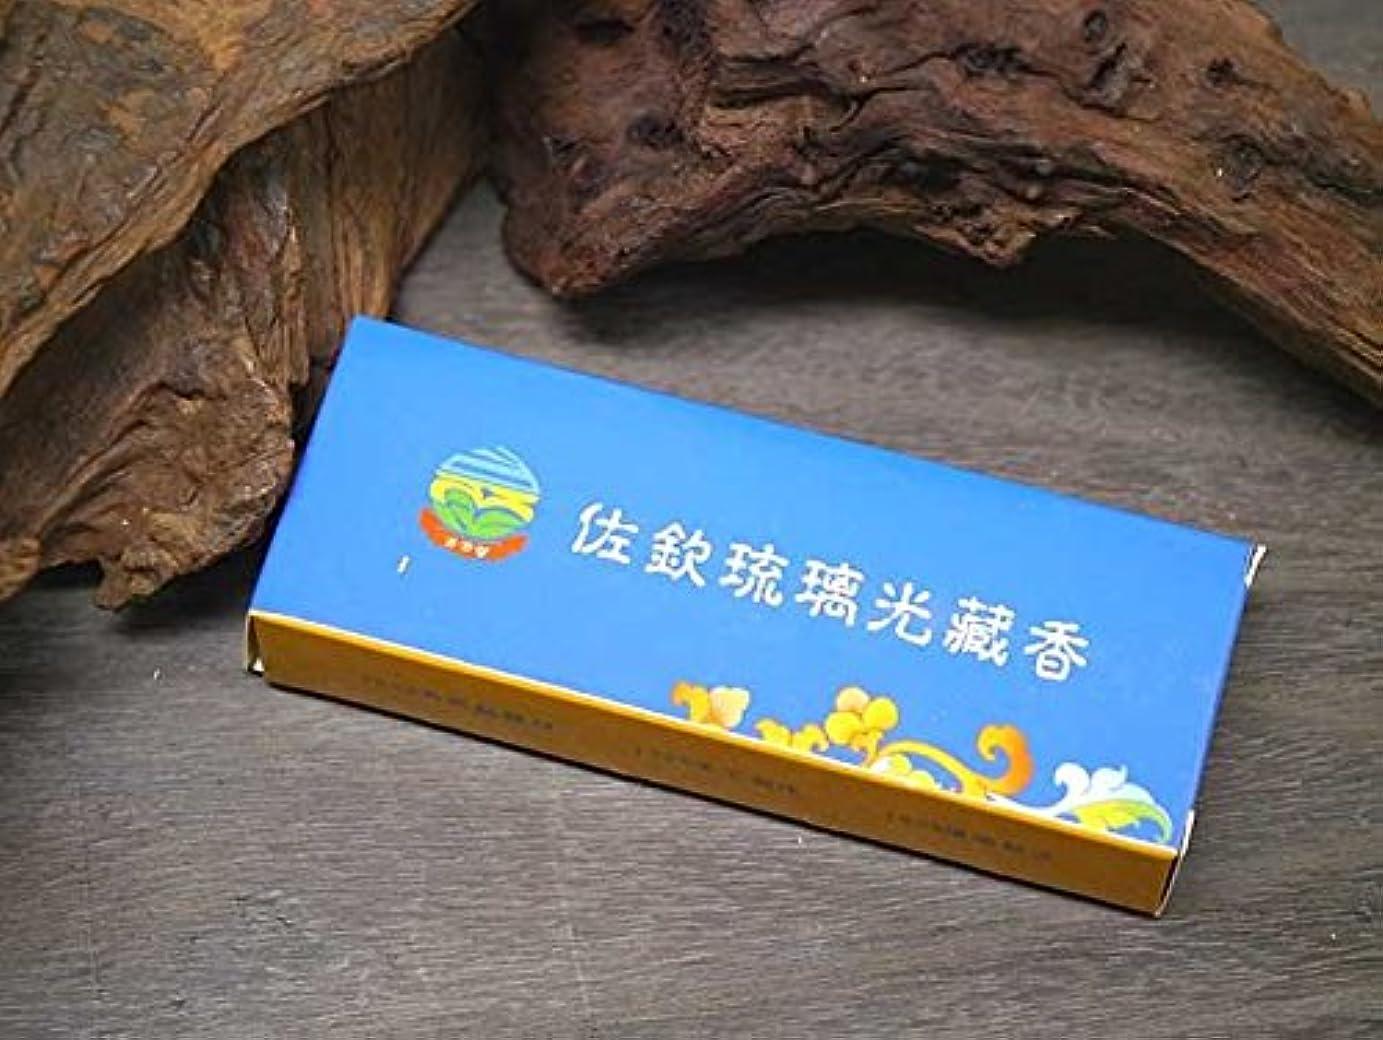 適合しました三角マーティンルーサーキングジュニア中国香 甘孜チベット自治州にある慈善医院のお香【佐欽琉璃光蔵香】